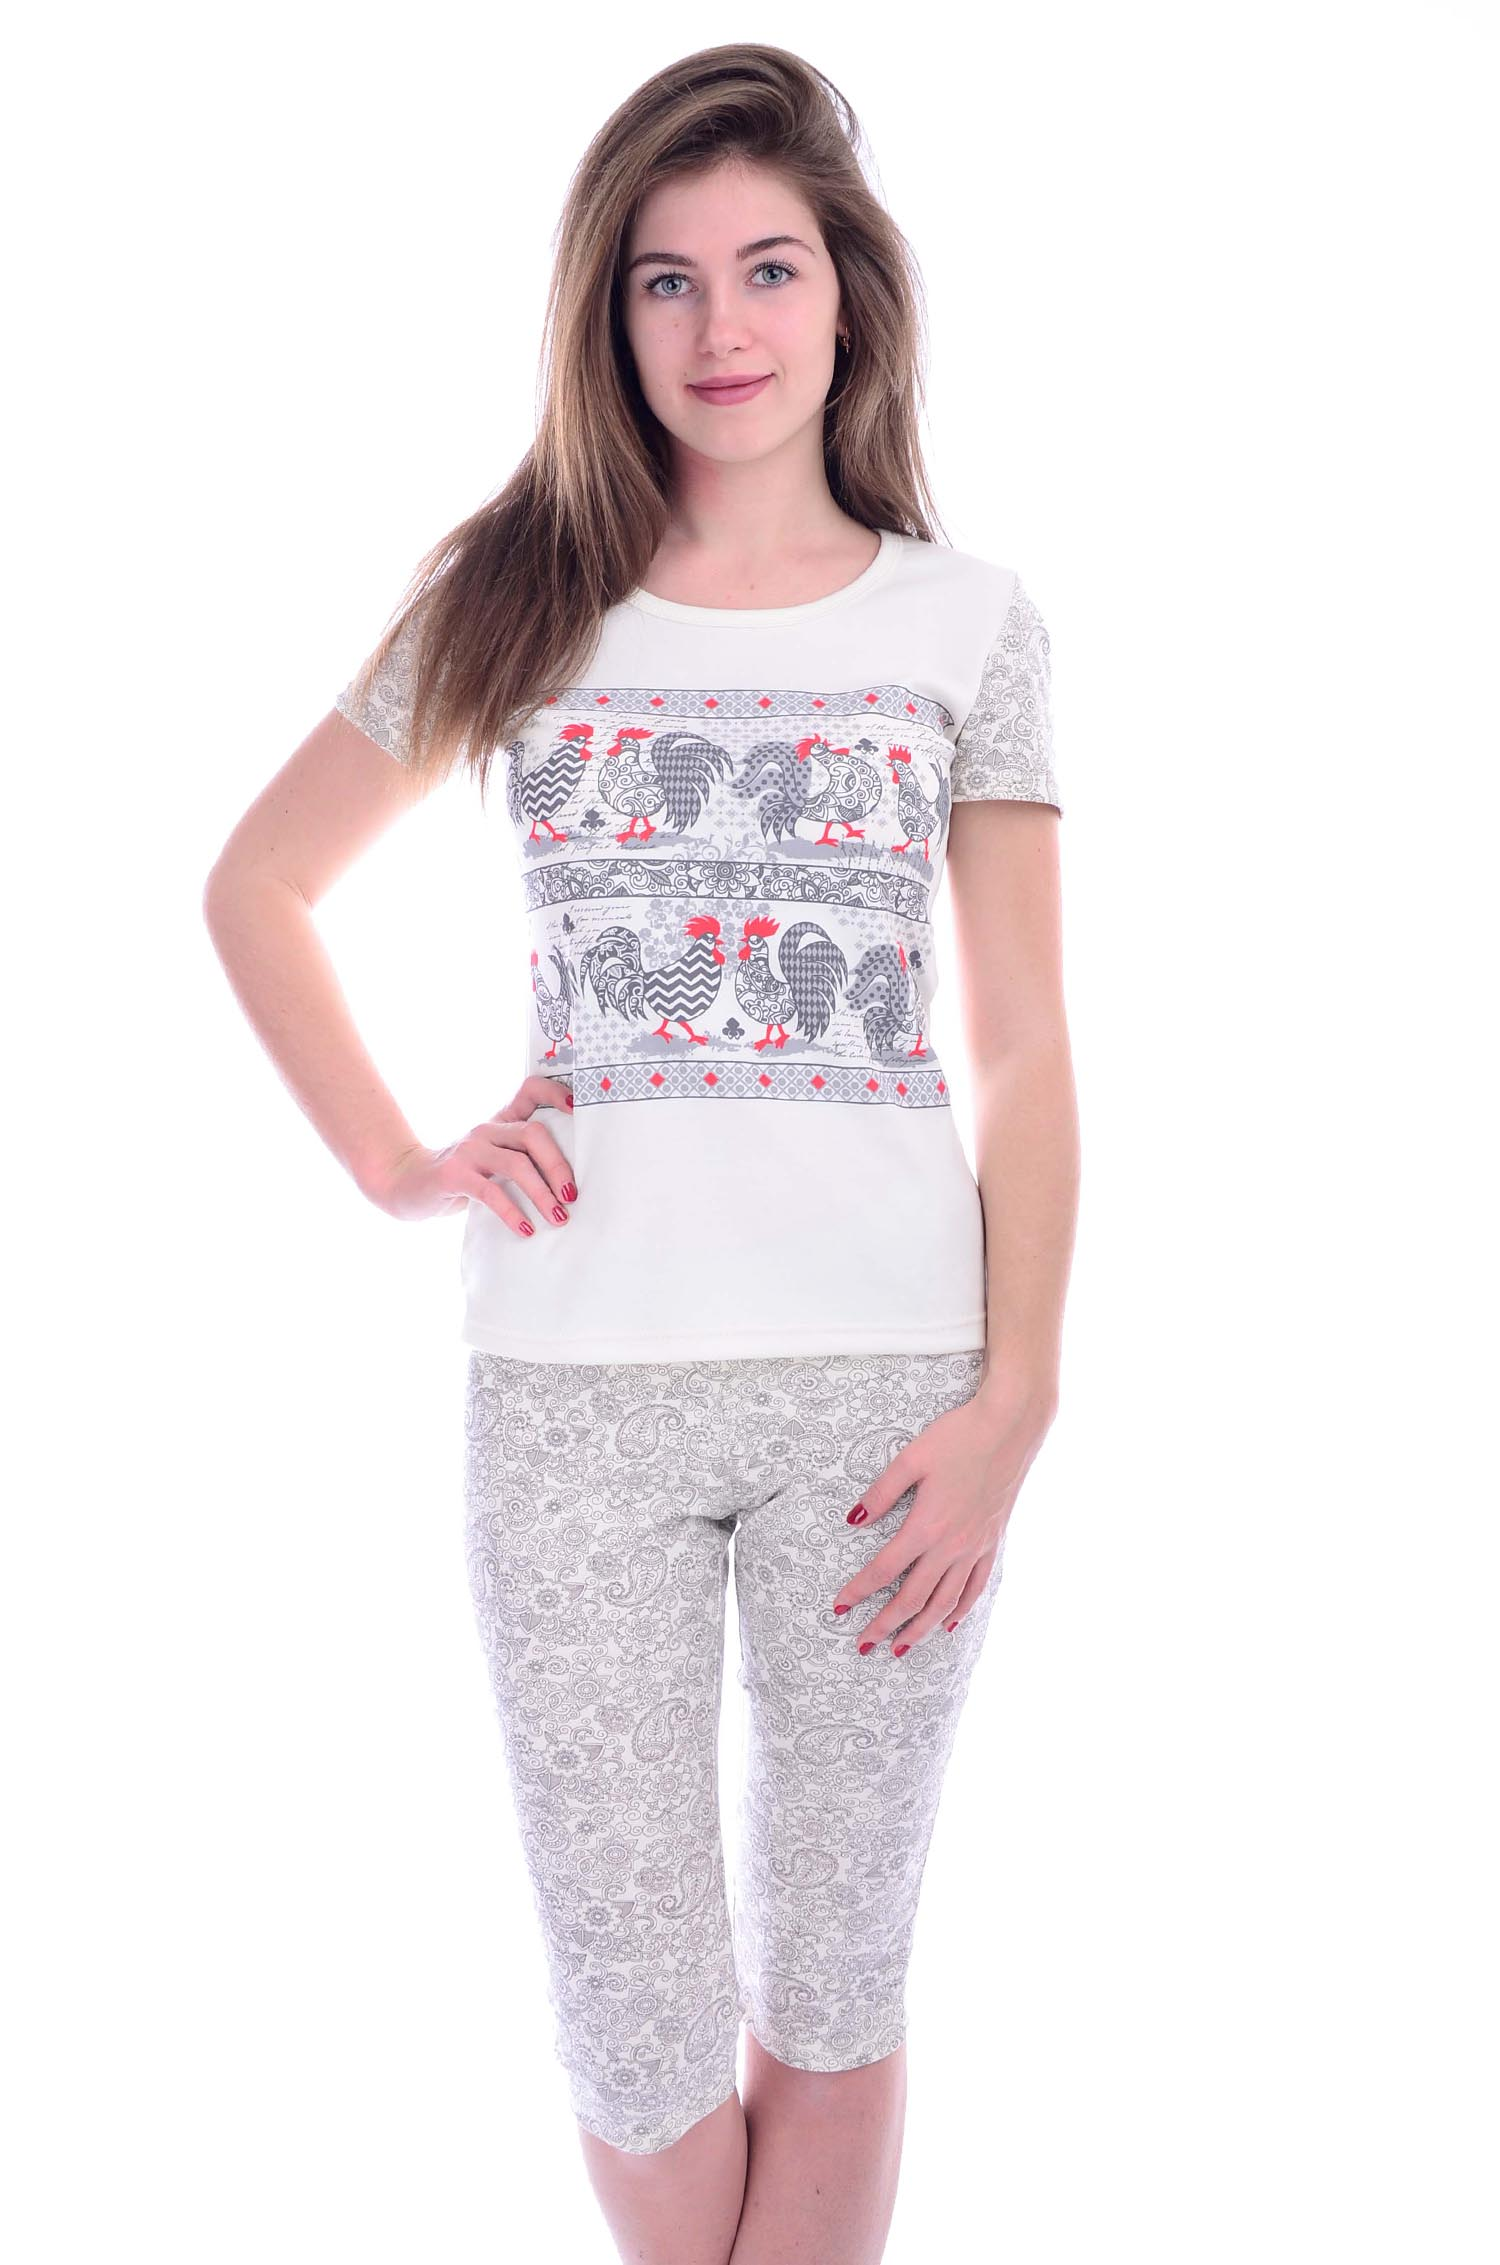 Пижама женская Петушки футболка и бриджиДомашняя одежда<br><br><br>Размер: 46